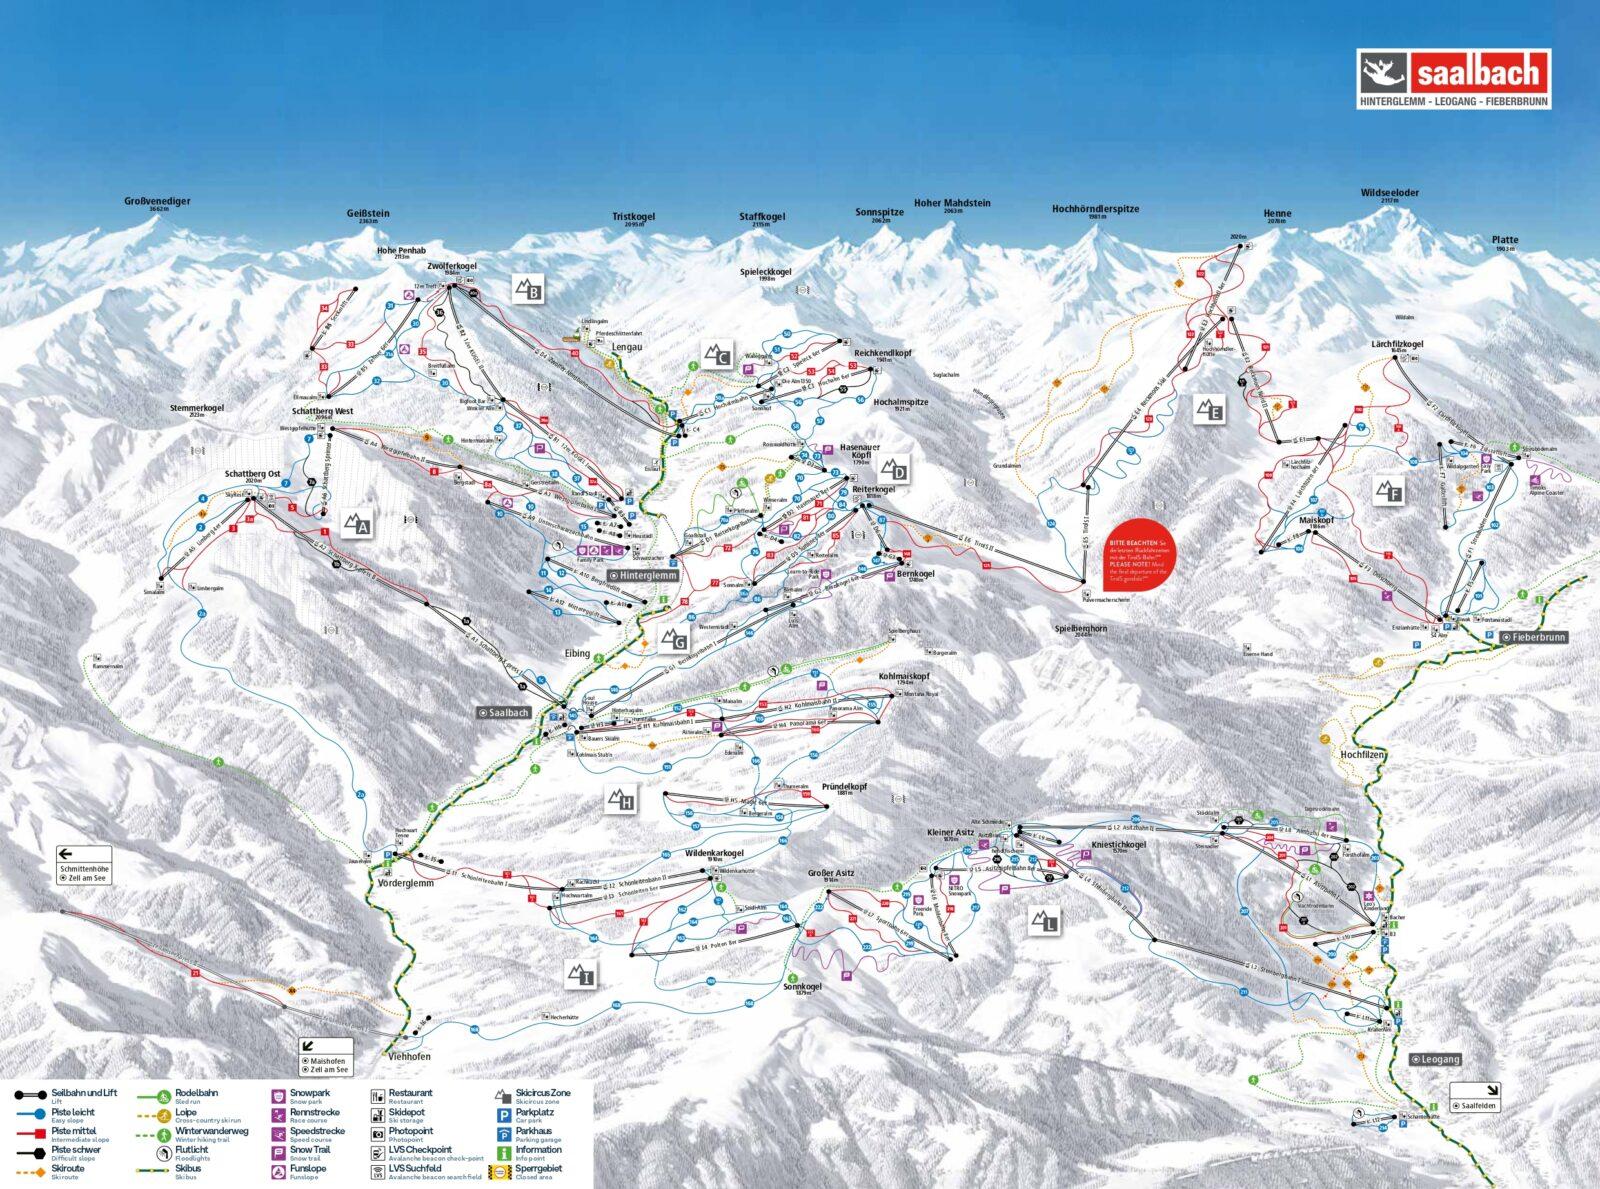 Skicircus Saalbach Hinterglemm Leogang Fieberbrunn map